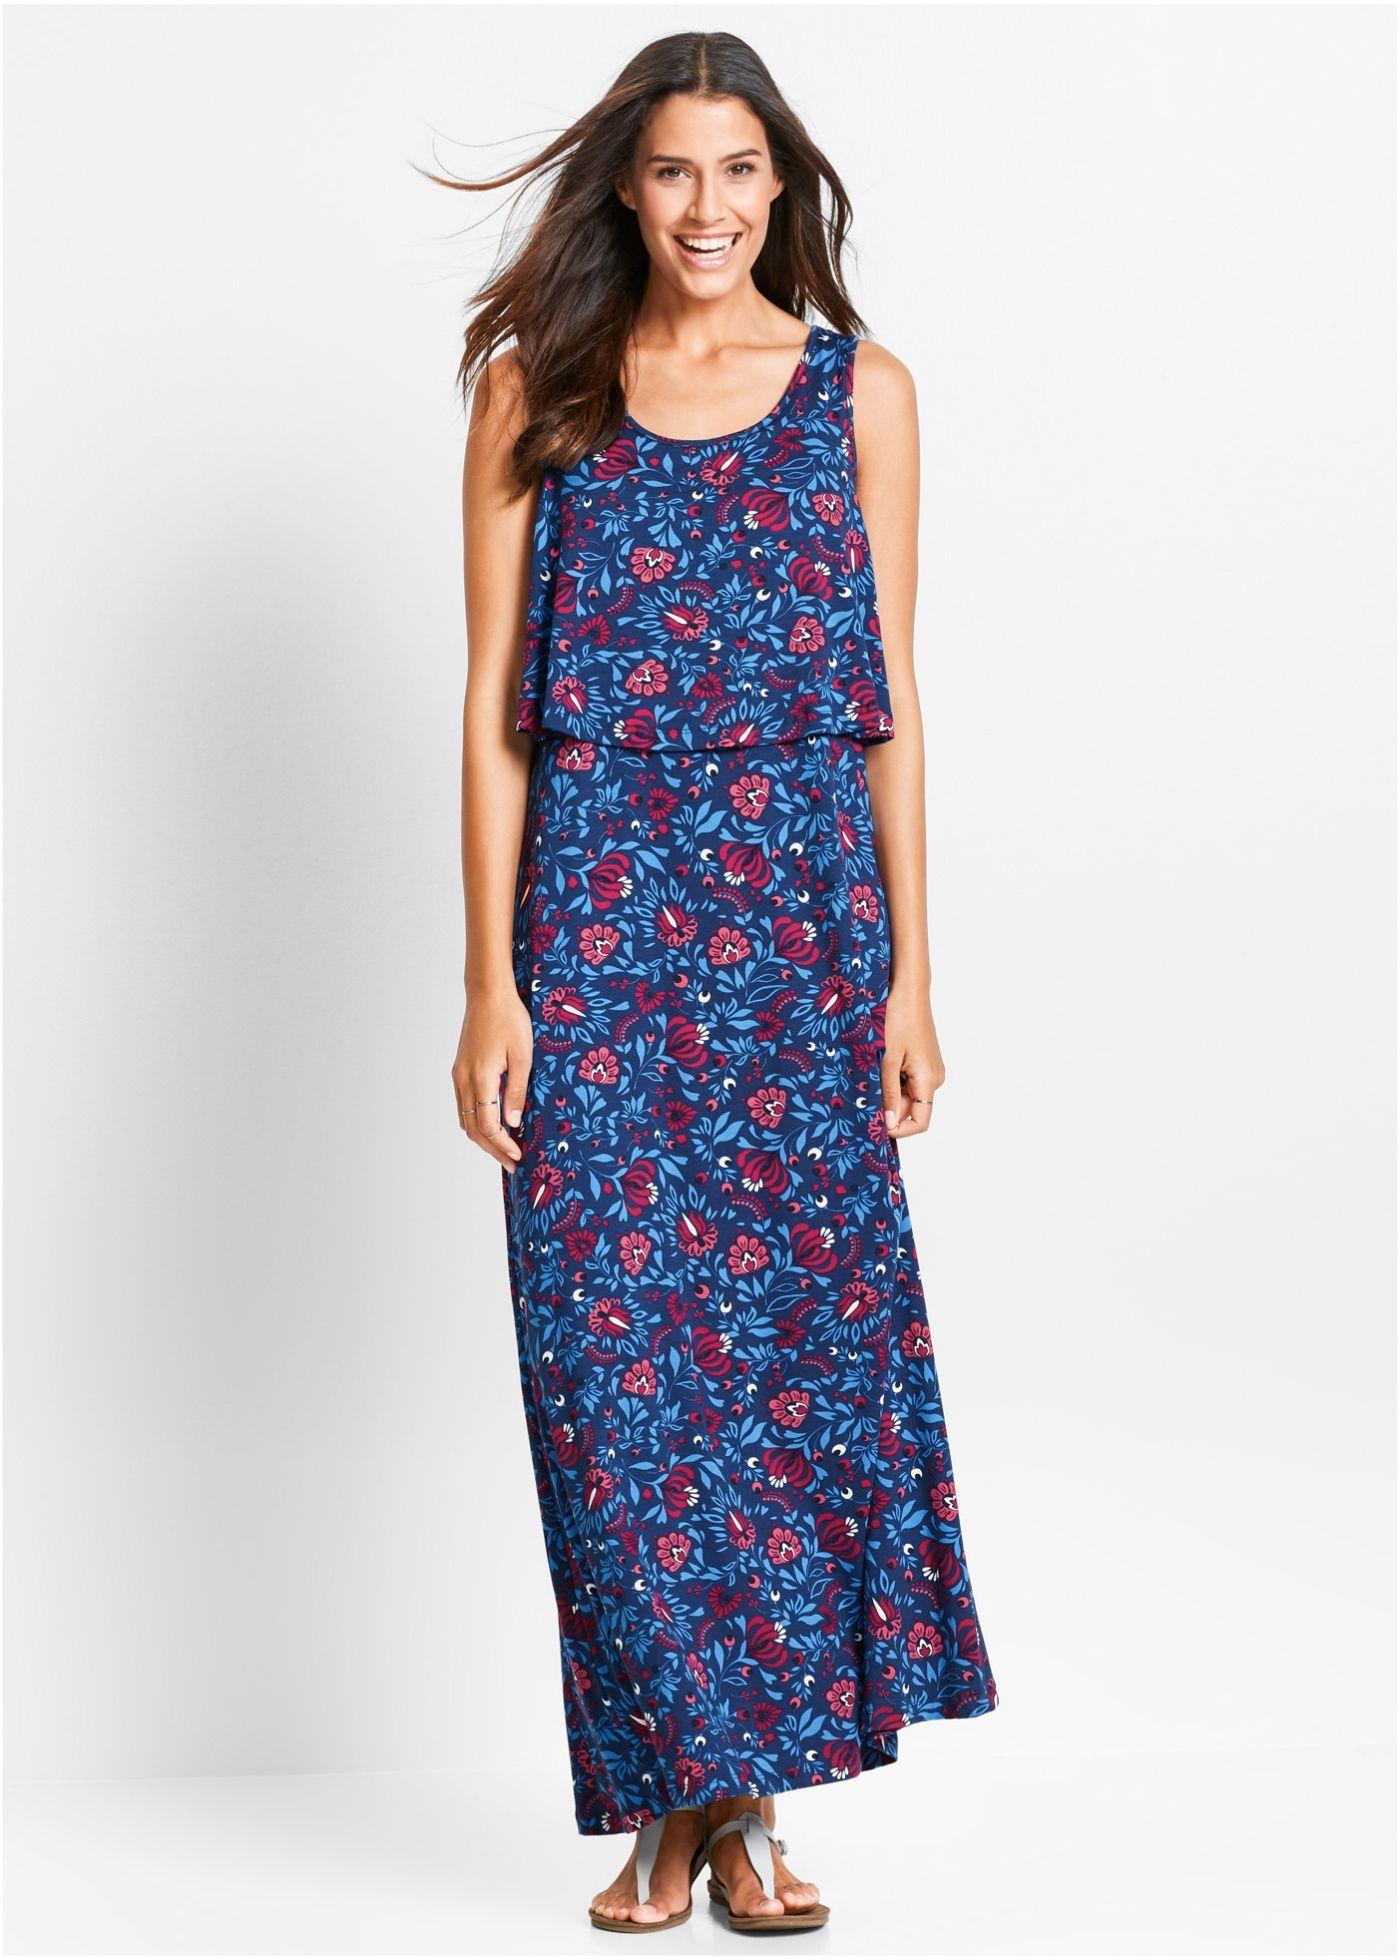 a7a370caa504 Šaty ve vícevrstvém vzhledu hořecová modrá s květinovým vzorem - Žena - bpc  bonprix collection -